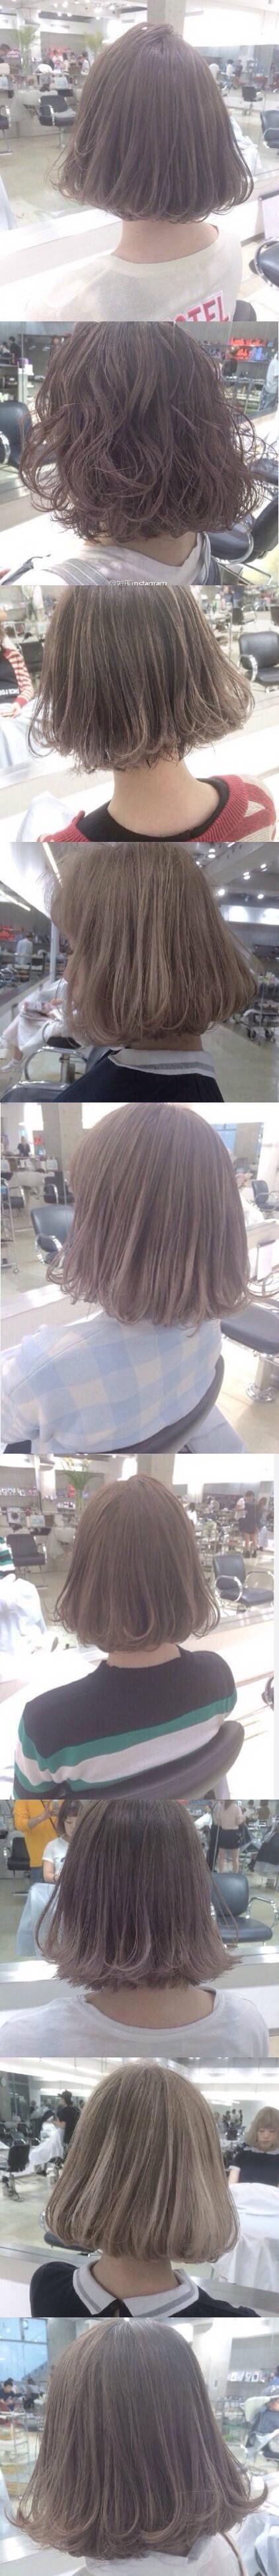 想剪这样的长度,烫一下,是不是染个色比较好?(**)